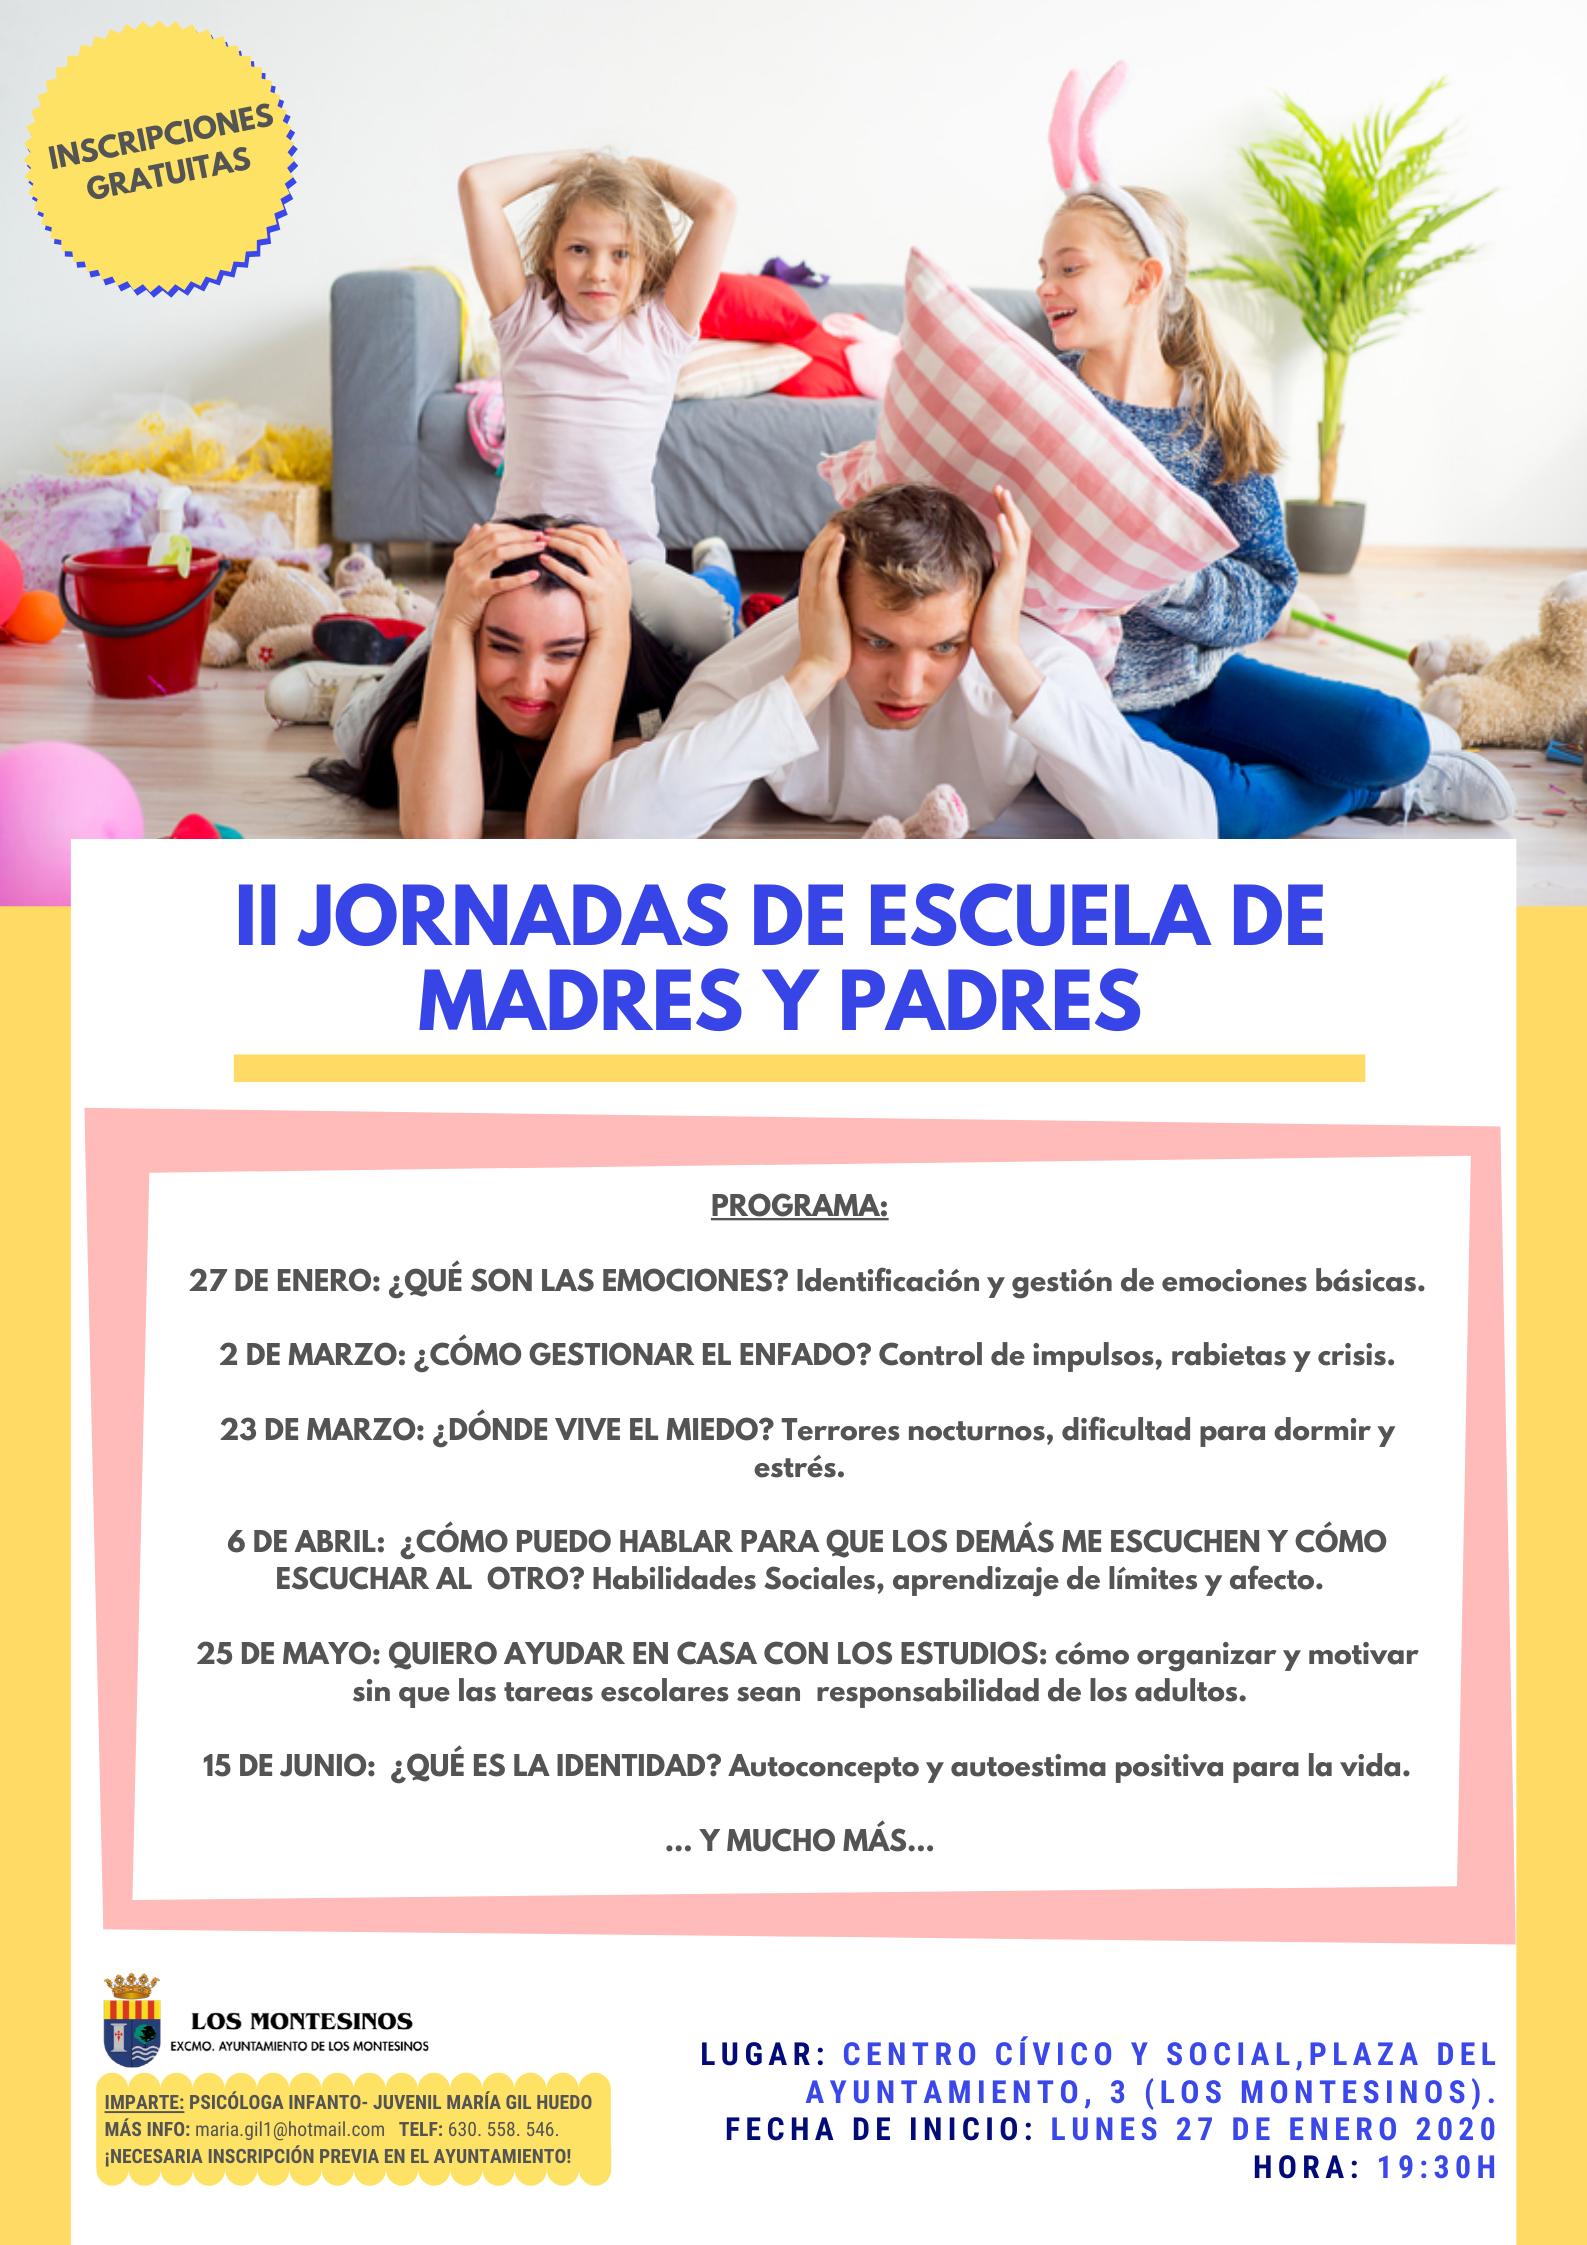 II Jornadas de Escuela de Madres y Padres de Los Montesinos